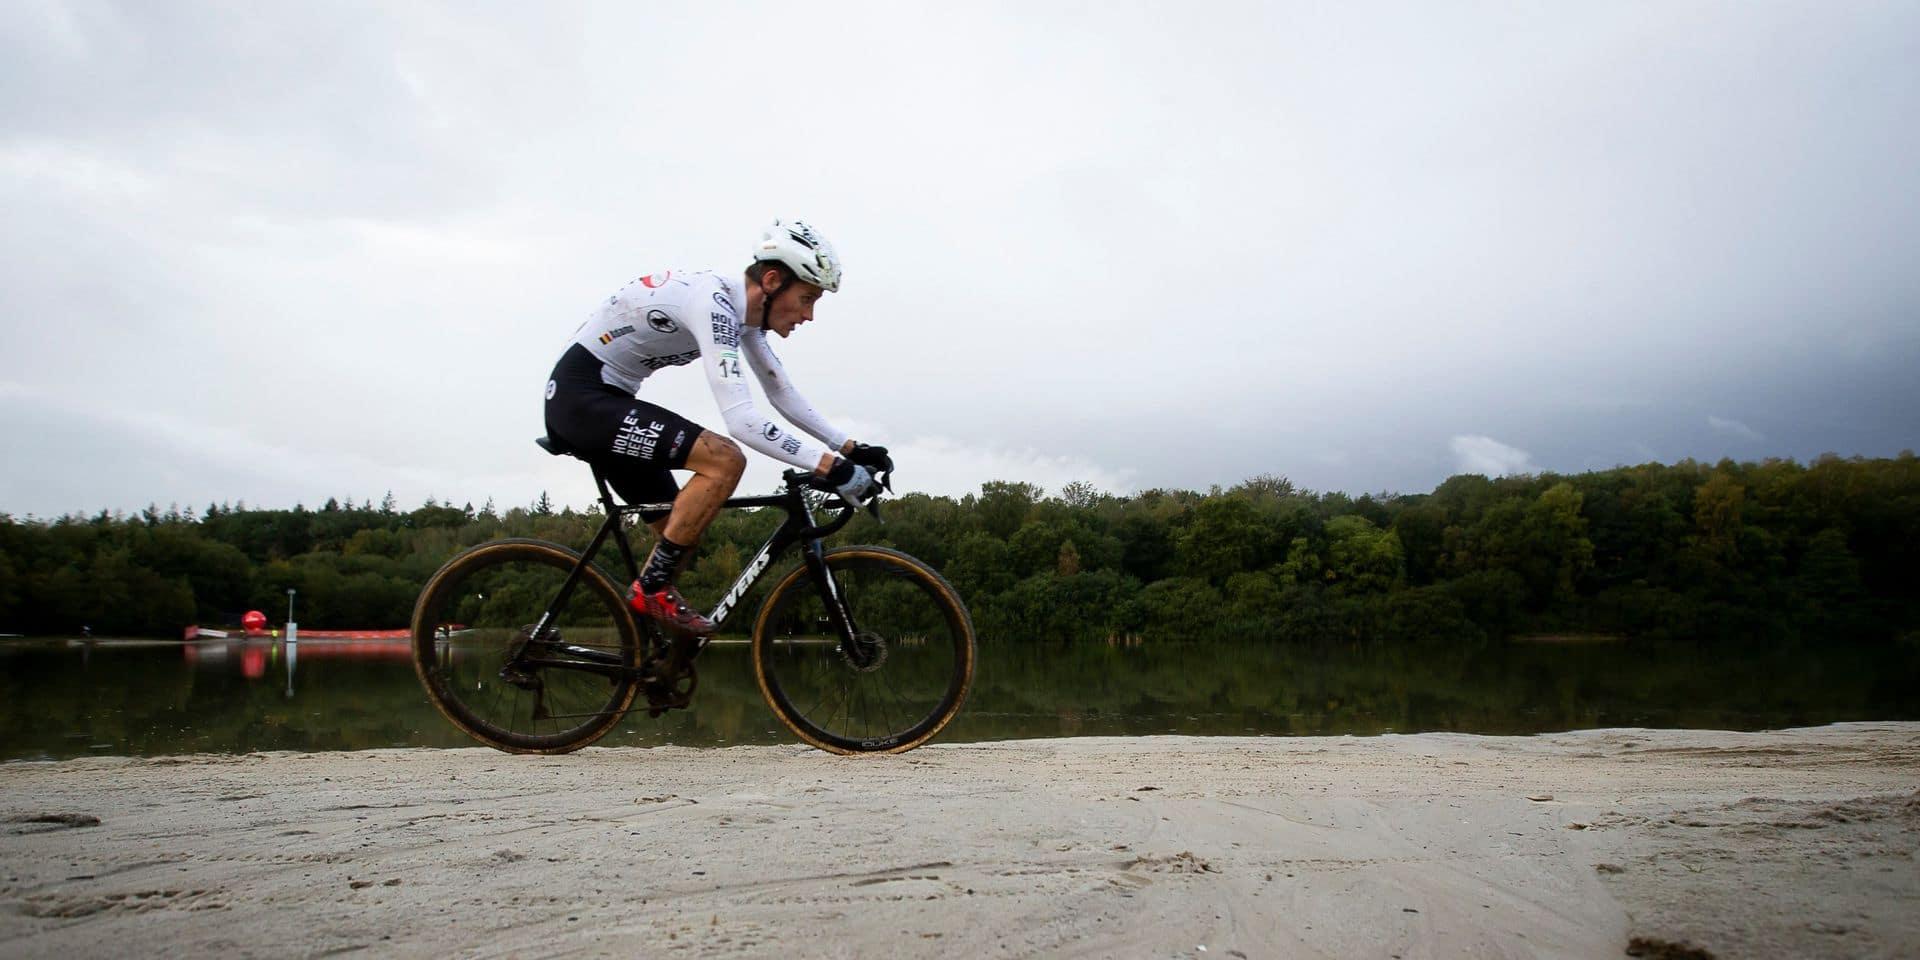 Le coureur de cyclo-cross Jens Adams touché par le cytomegalovirus